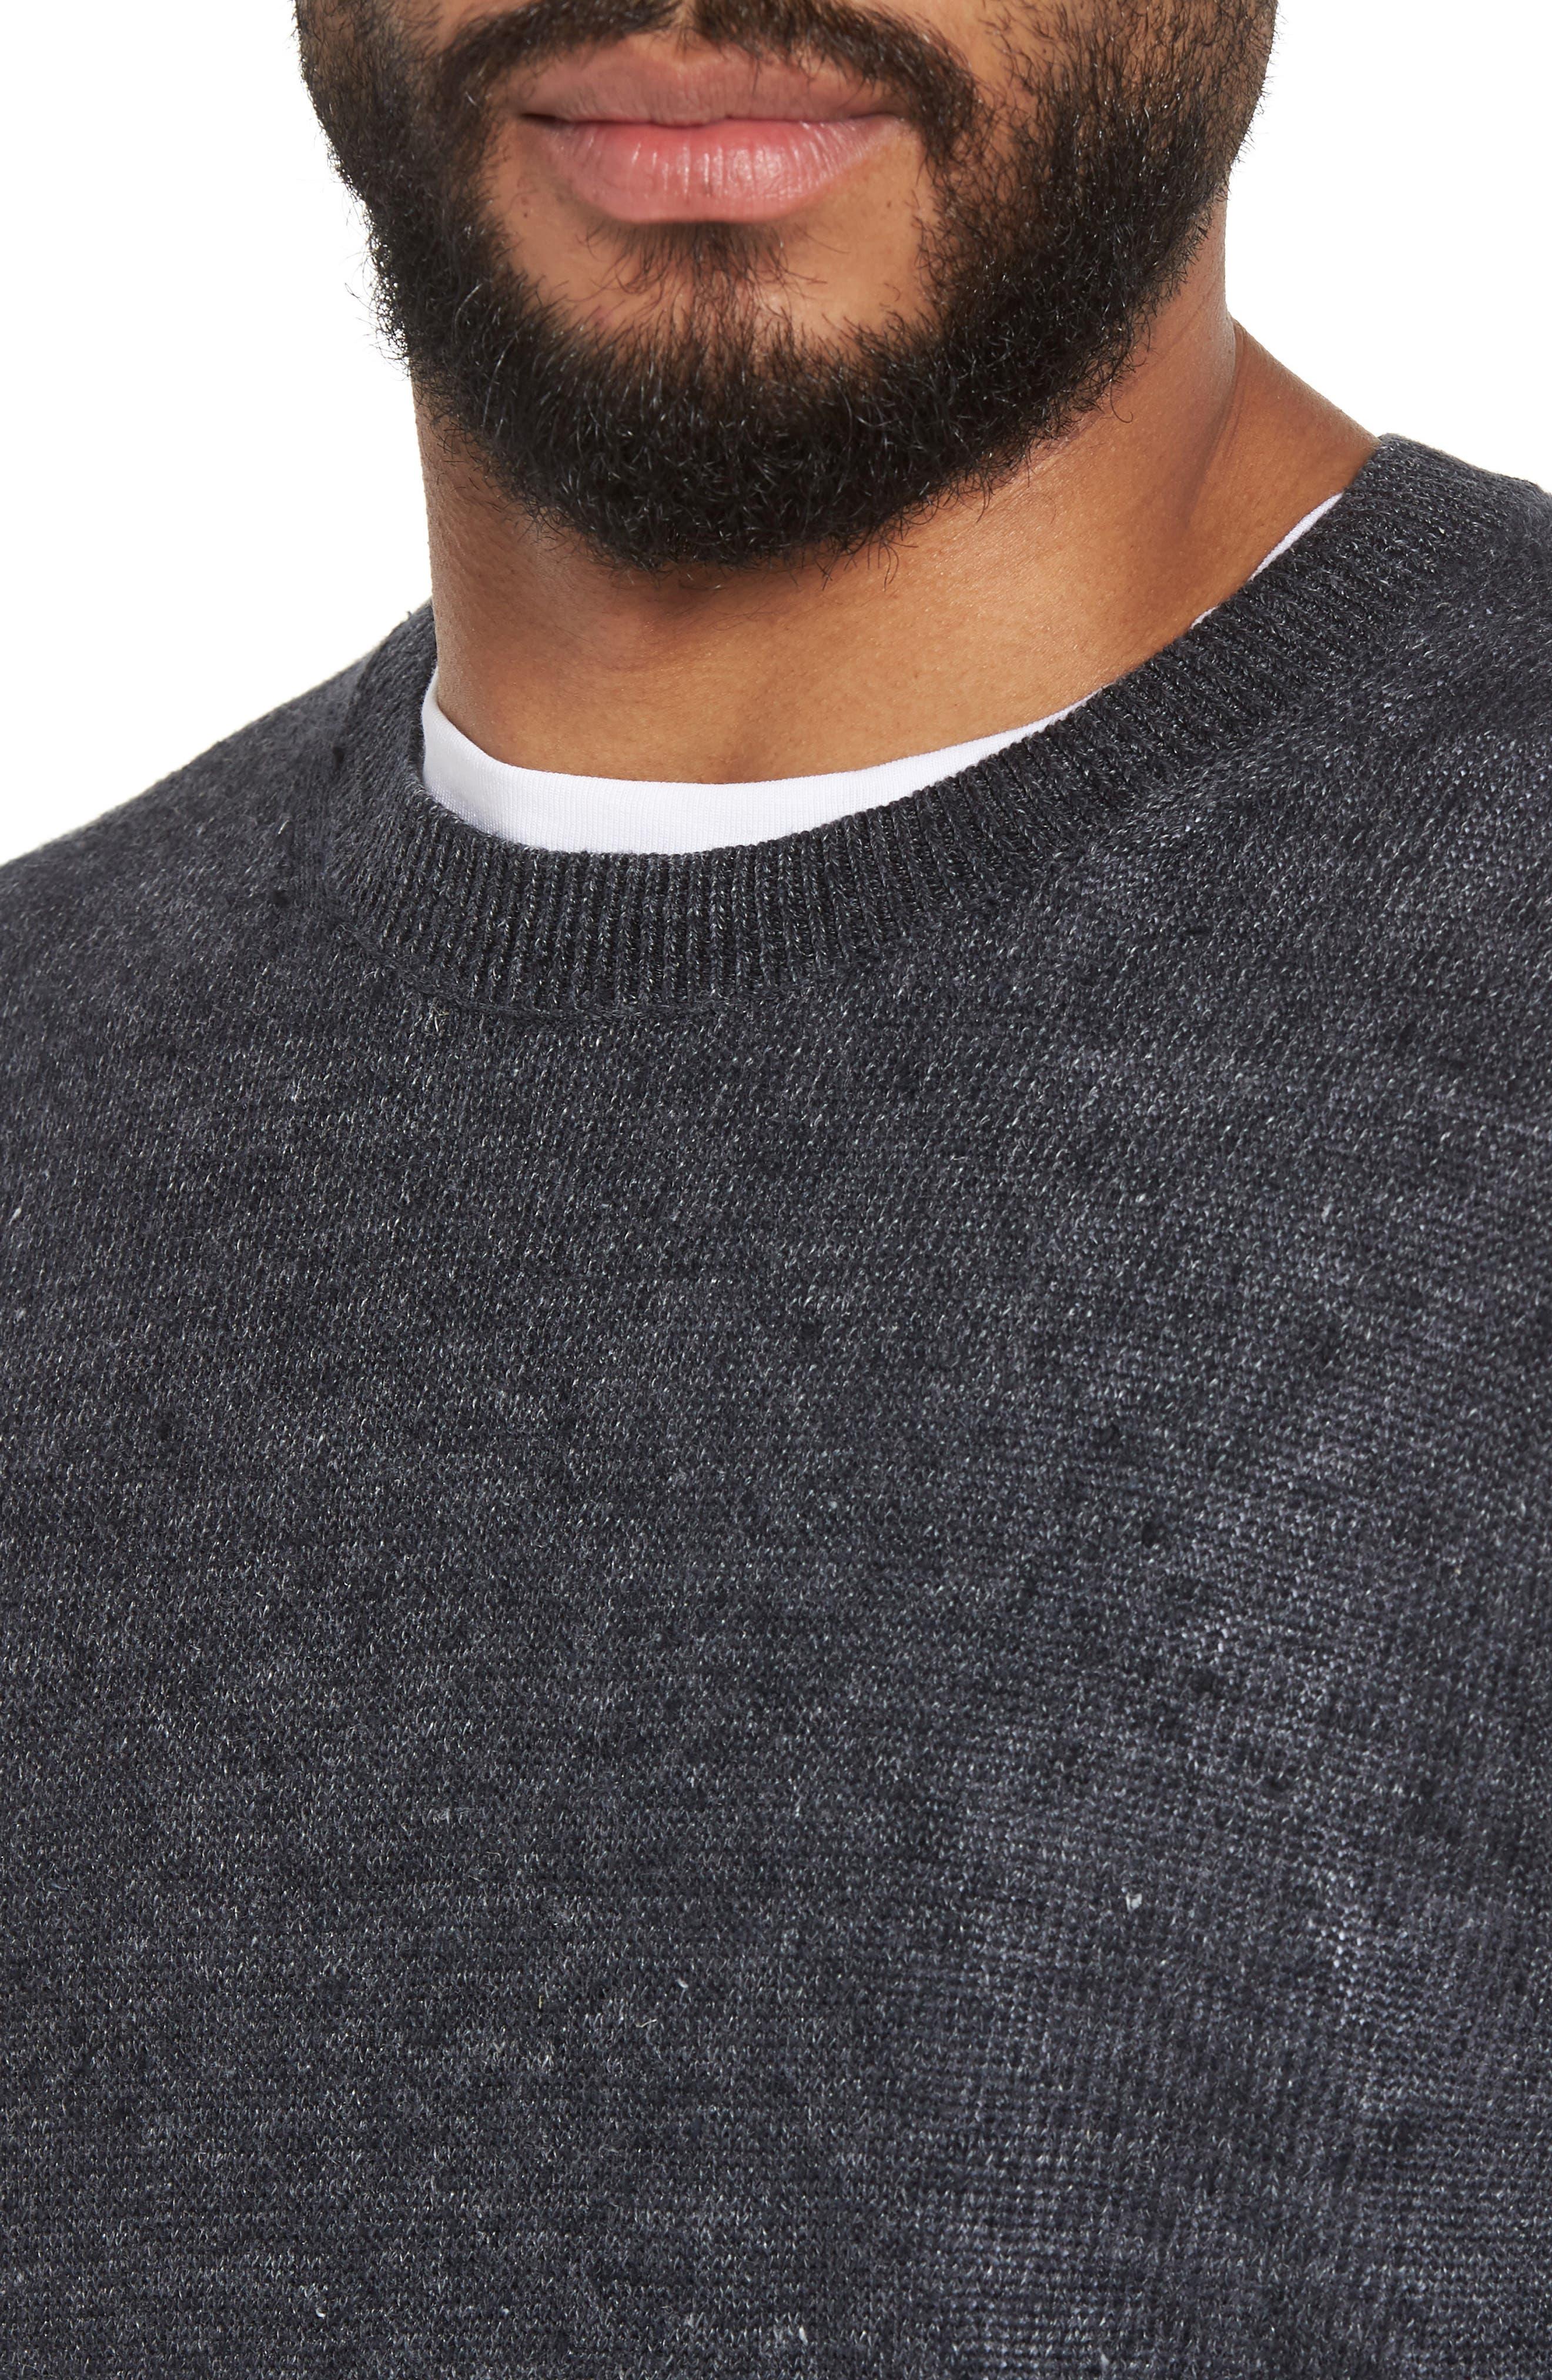 Slim Fit Linen Crewneck Sweater,                             Alternate thumbnail 4, color,                             001